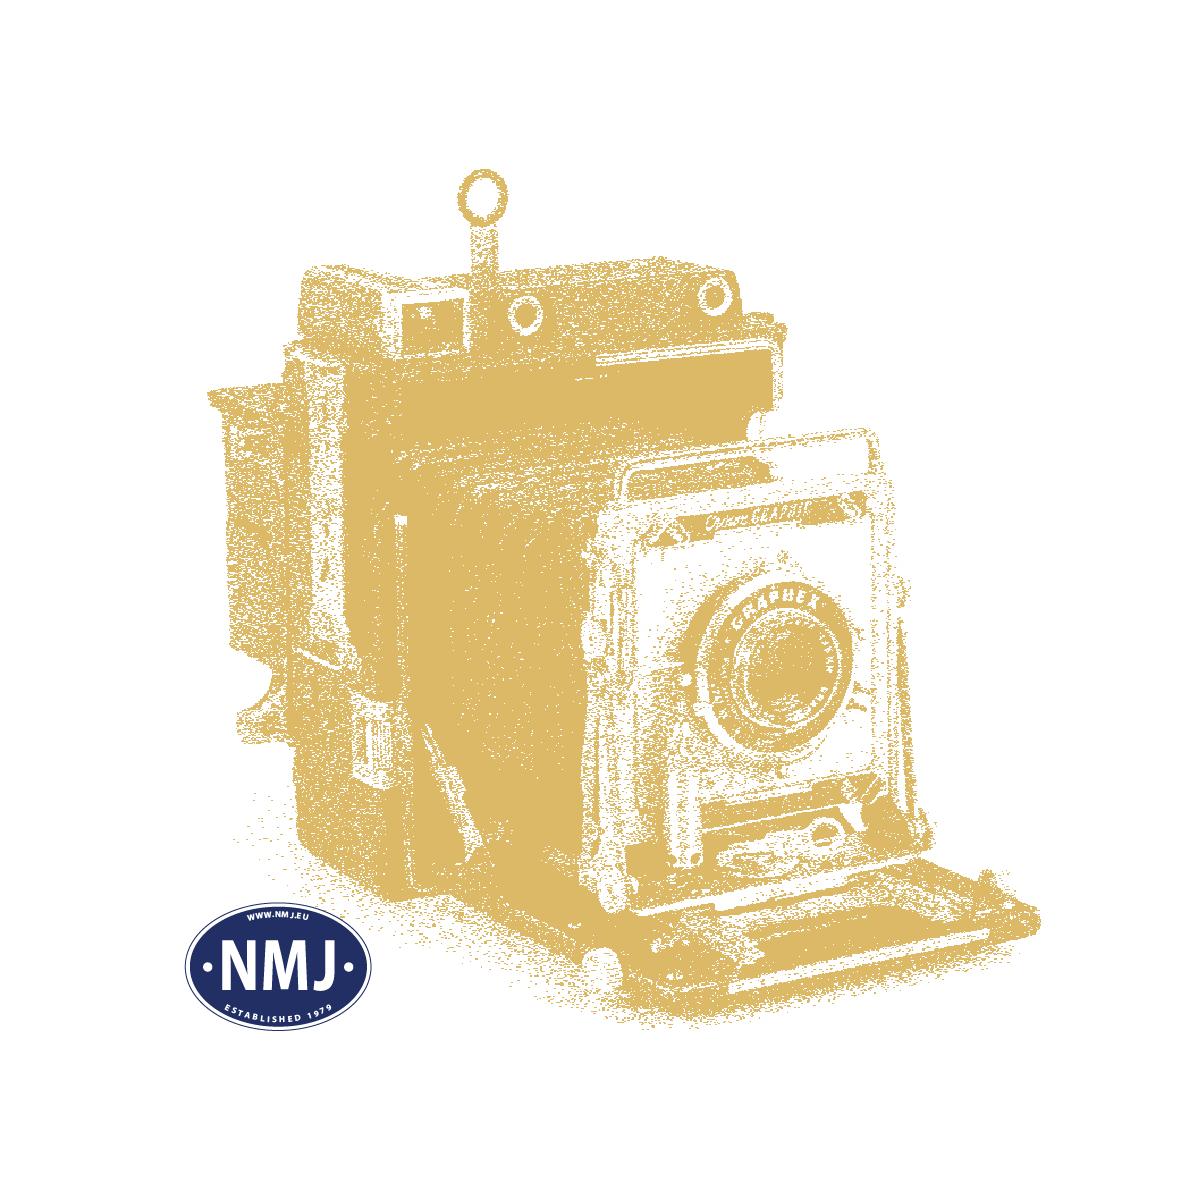 ROC51401 - NEXT GENERATION Startsett, Detektiv Tom